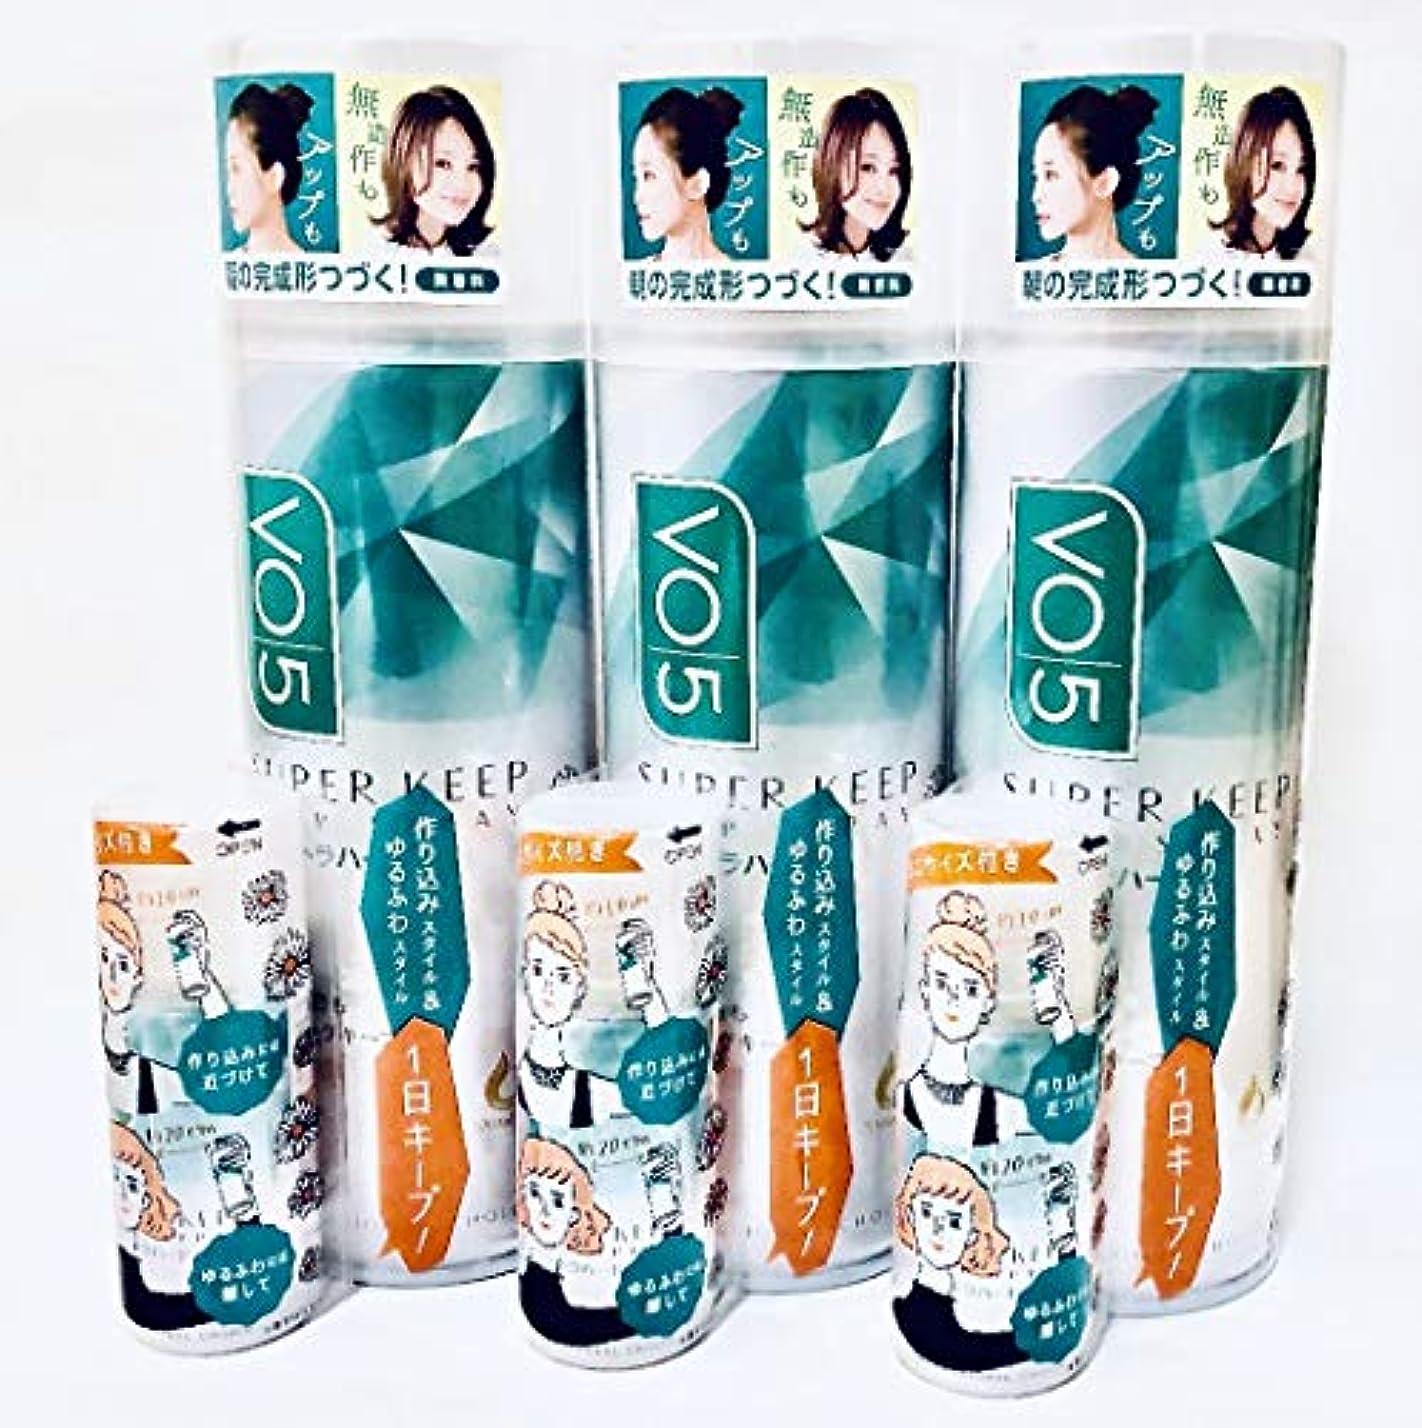 欠点費やす朝ごはんVO5スーパーキープヘアスプレイ エクストラハード無香料330g+エクストラハード無香料20g × 3本セット